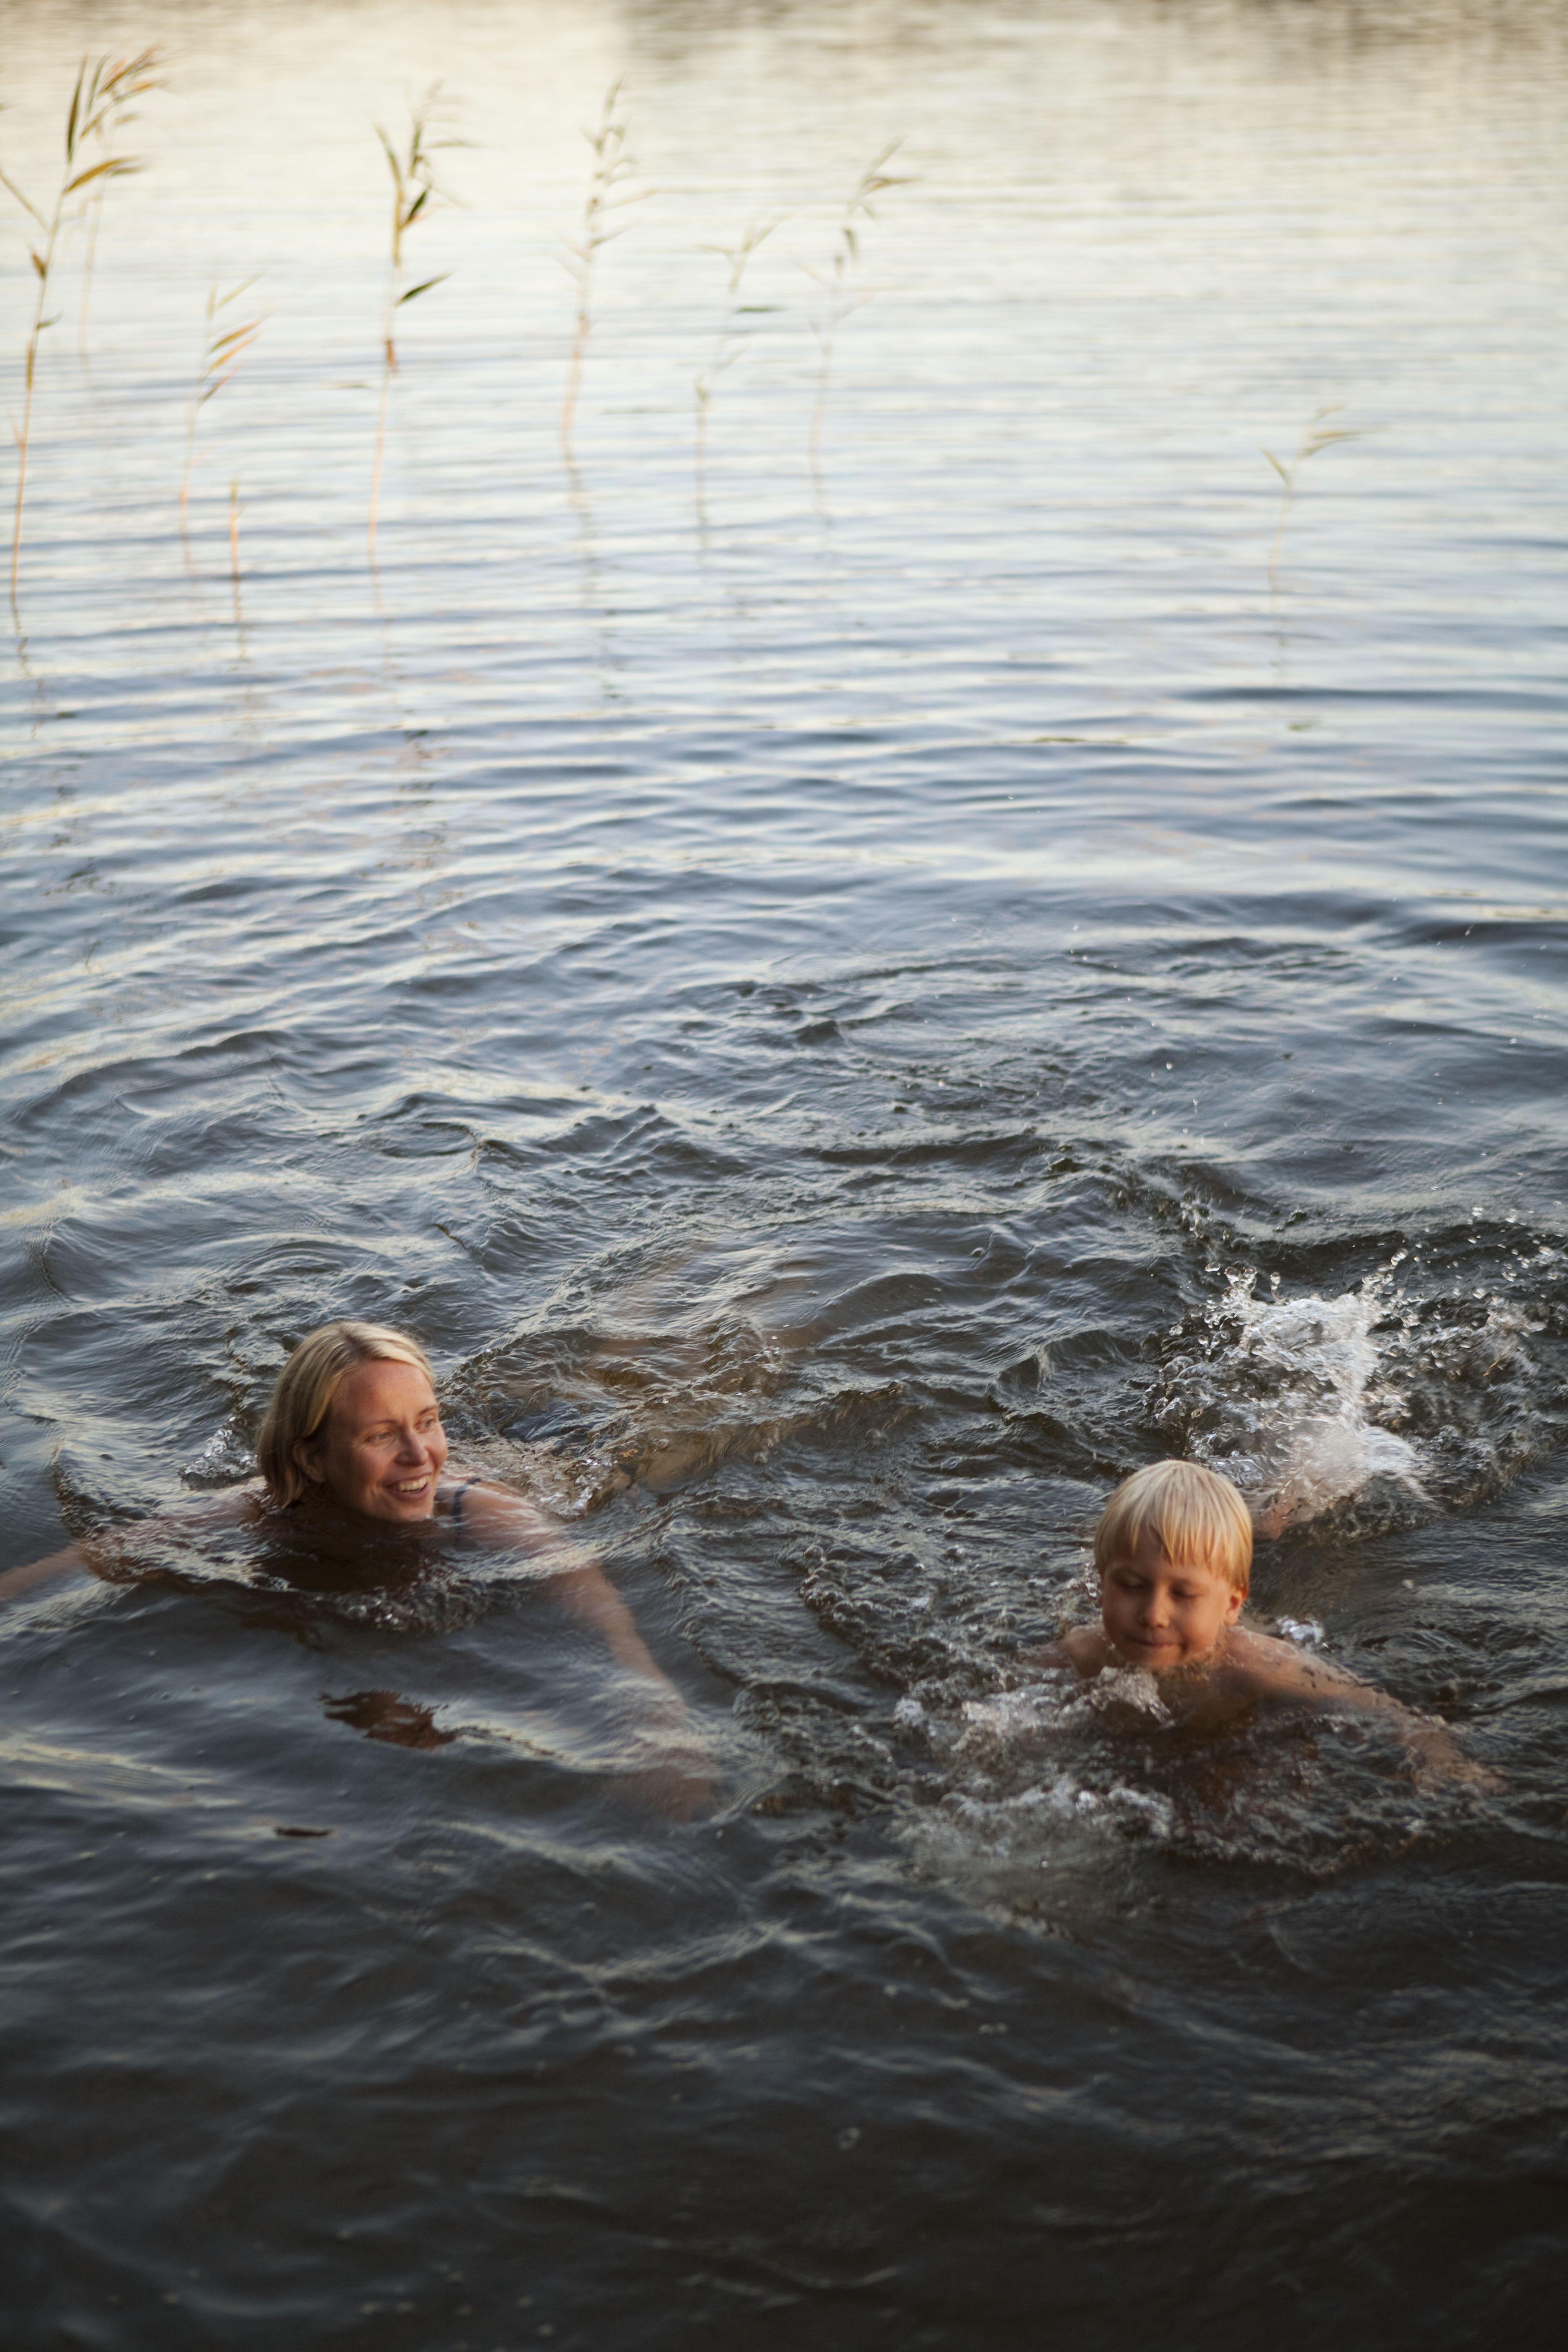 Polskimassa Sumiaisissa    Swimming in the lake at Sumiainen    Kuva/Photo: Maalla / Hanna-Kaisa Hämäläinen  http://www.facebook.com/MatkaMaalle  http://www.keskisuomi.net/  http://www.centralfinland.net/